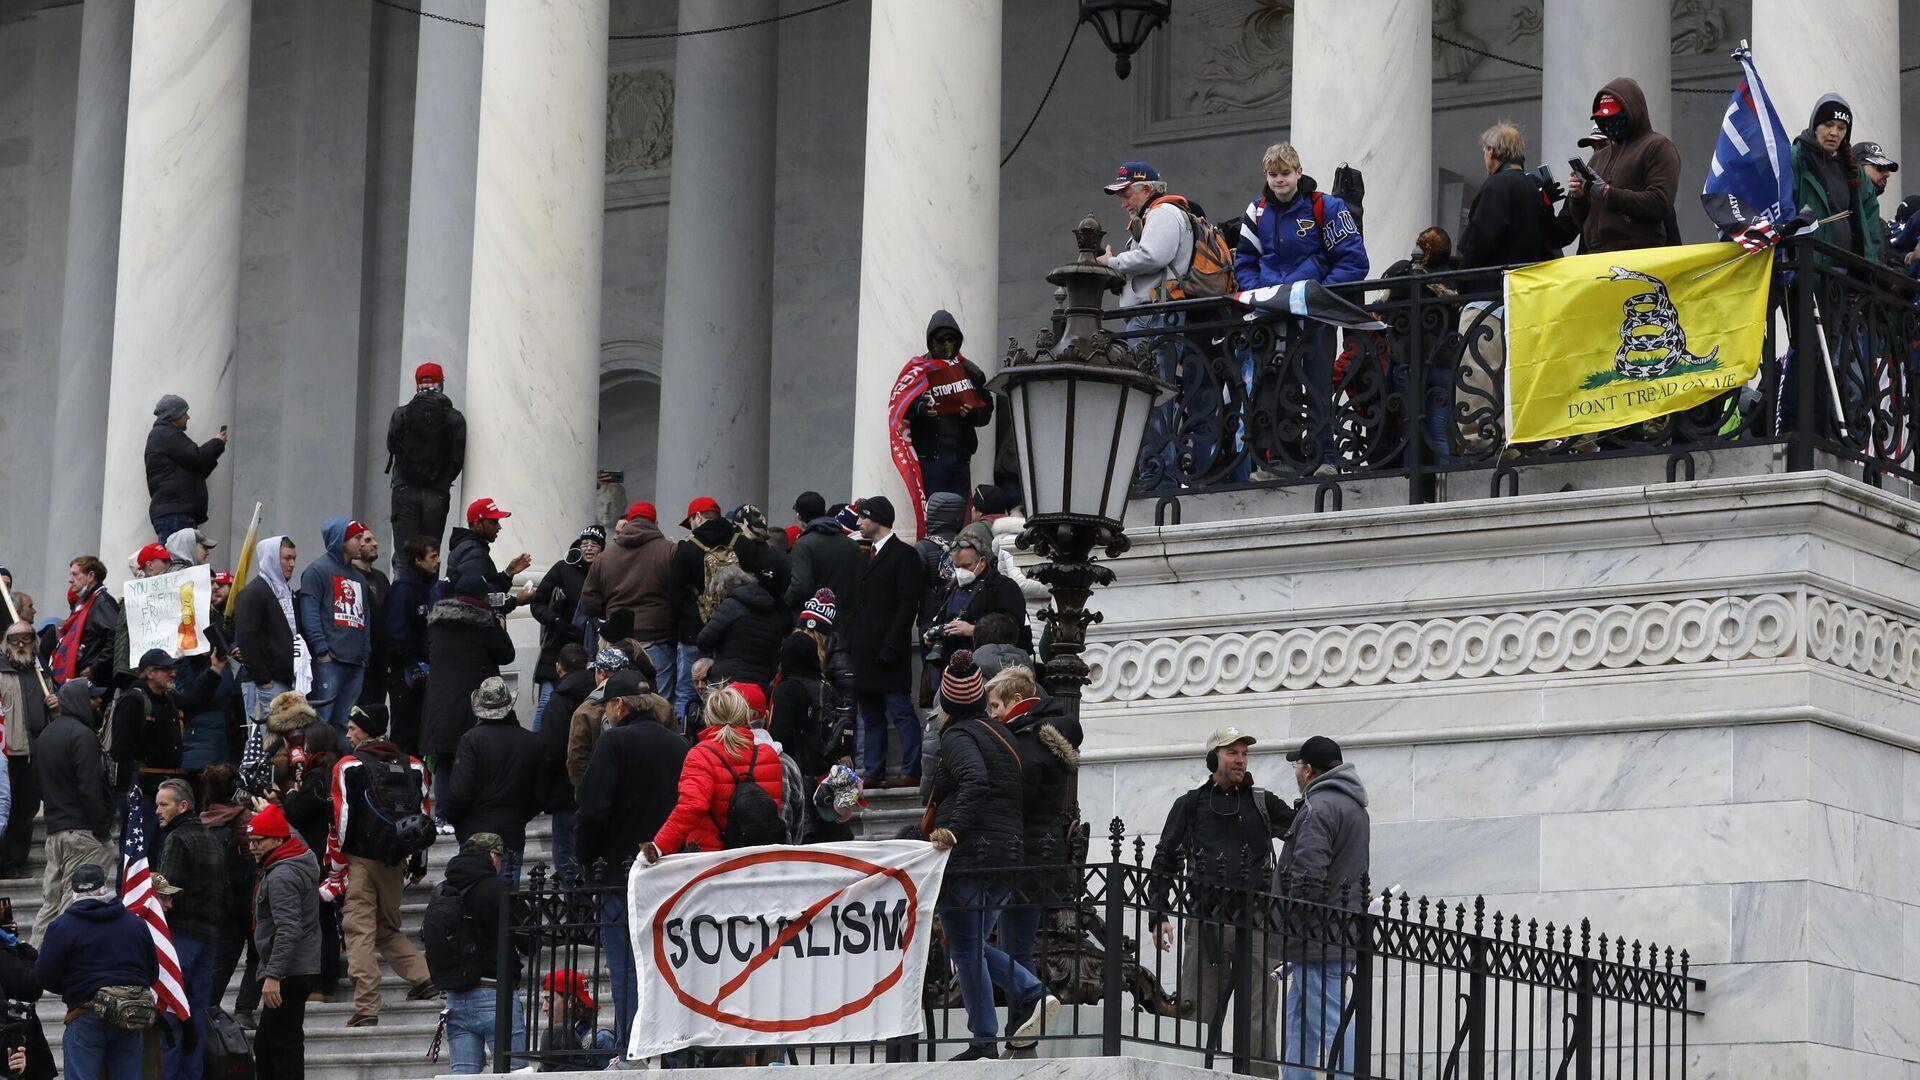 Участники акции протеста сторонников действующего президента США Дональда Трампа у здания конгресса в Вашингтоне - РИА Новости, 1920, 19.01.2021